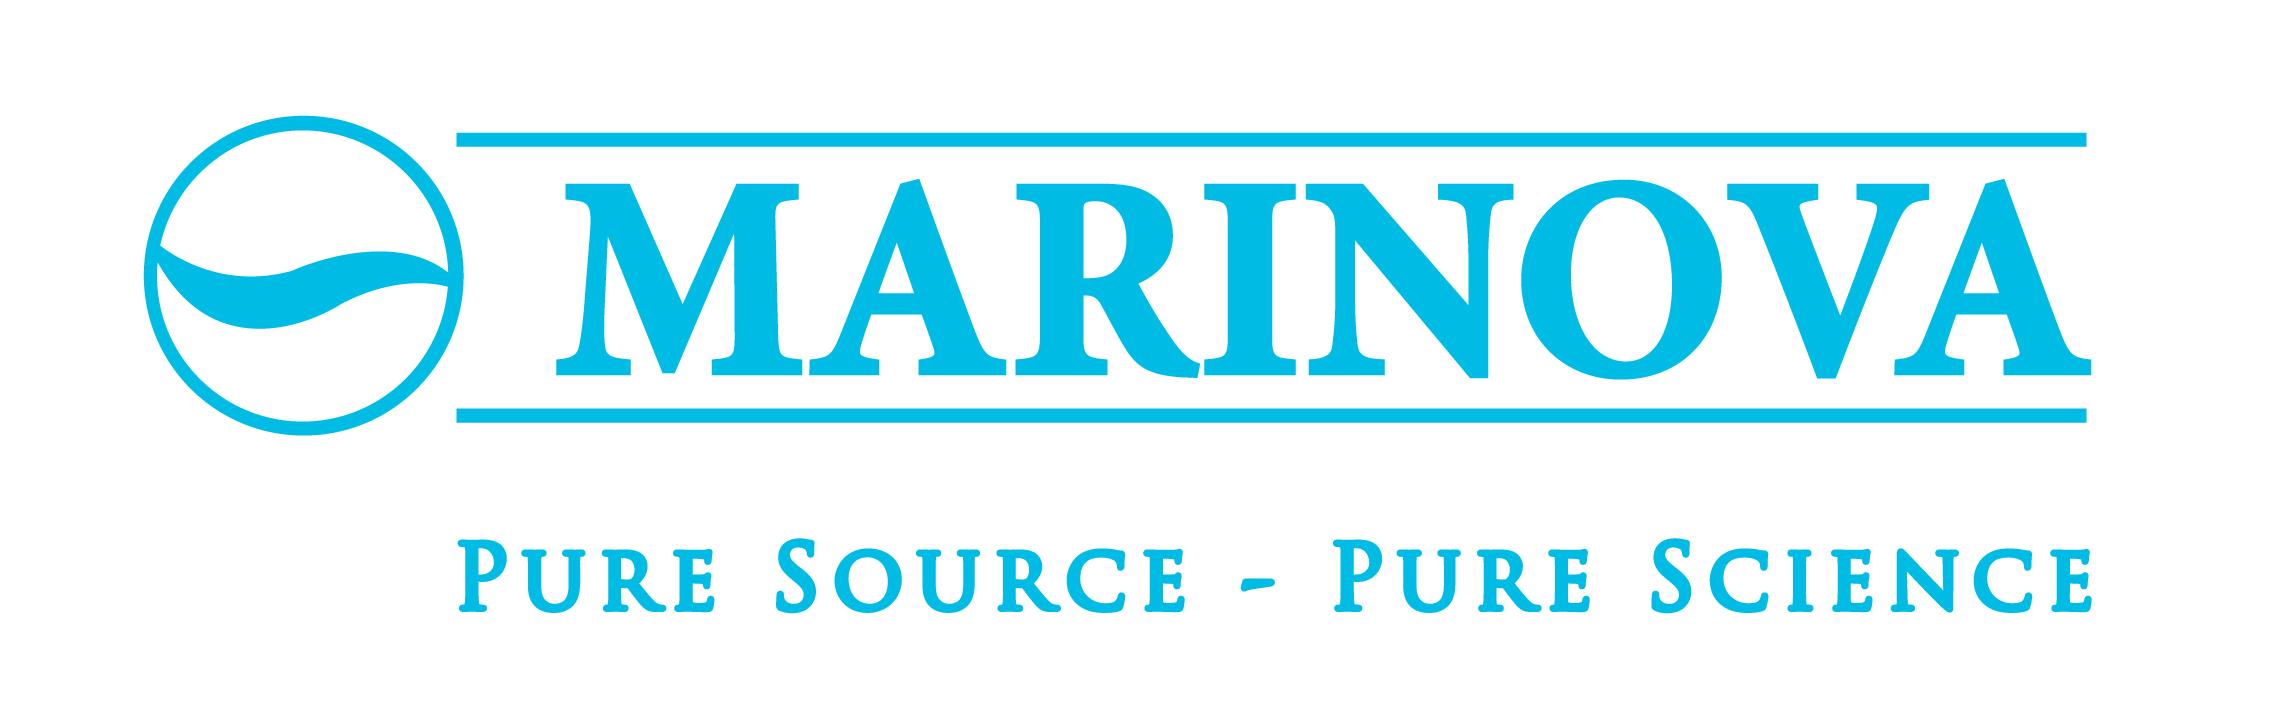 Marinova Pty Ltd